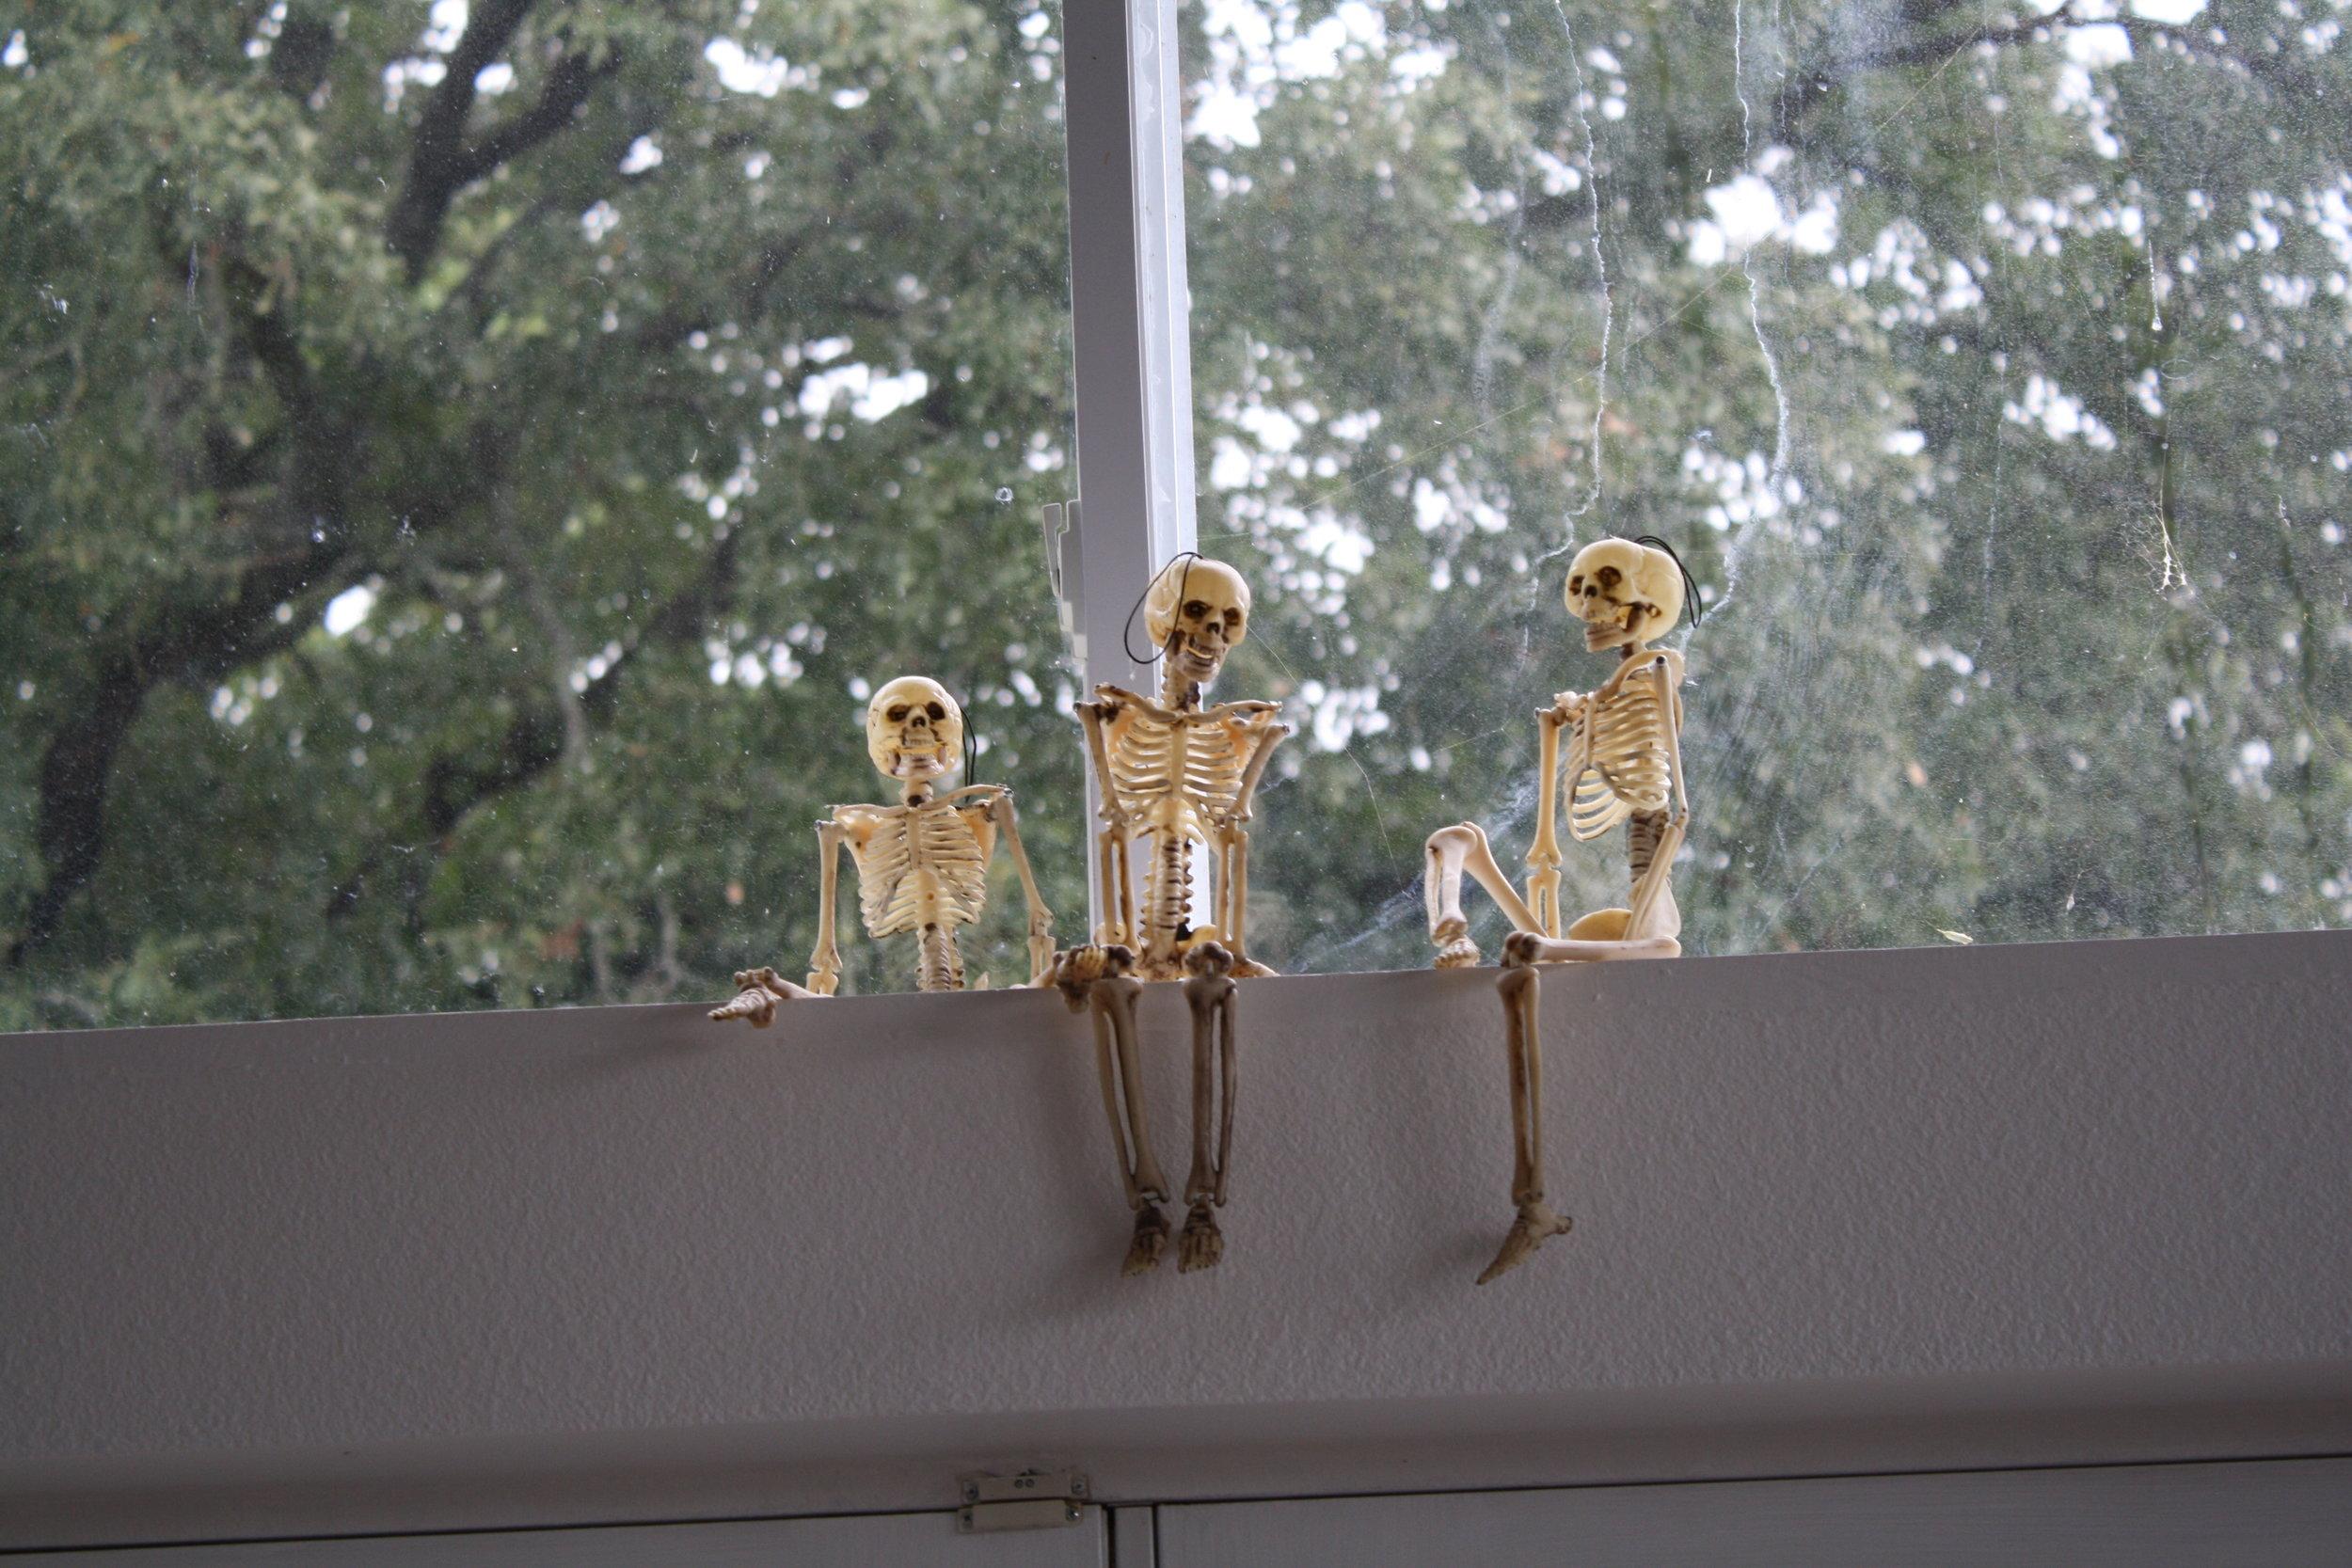 Halloween skeletons in the window